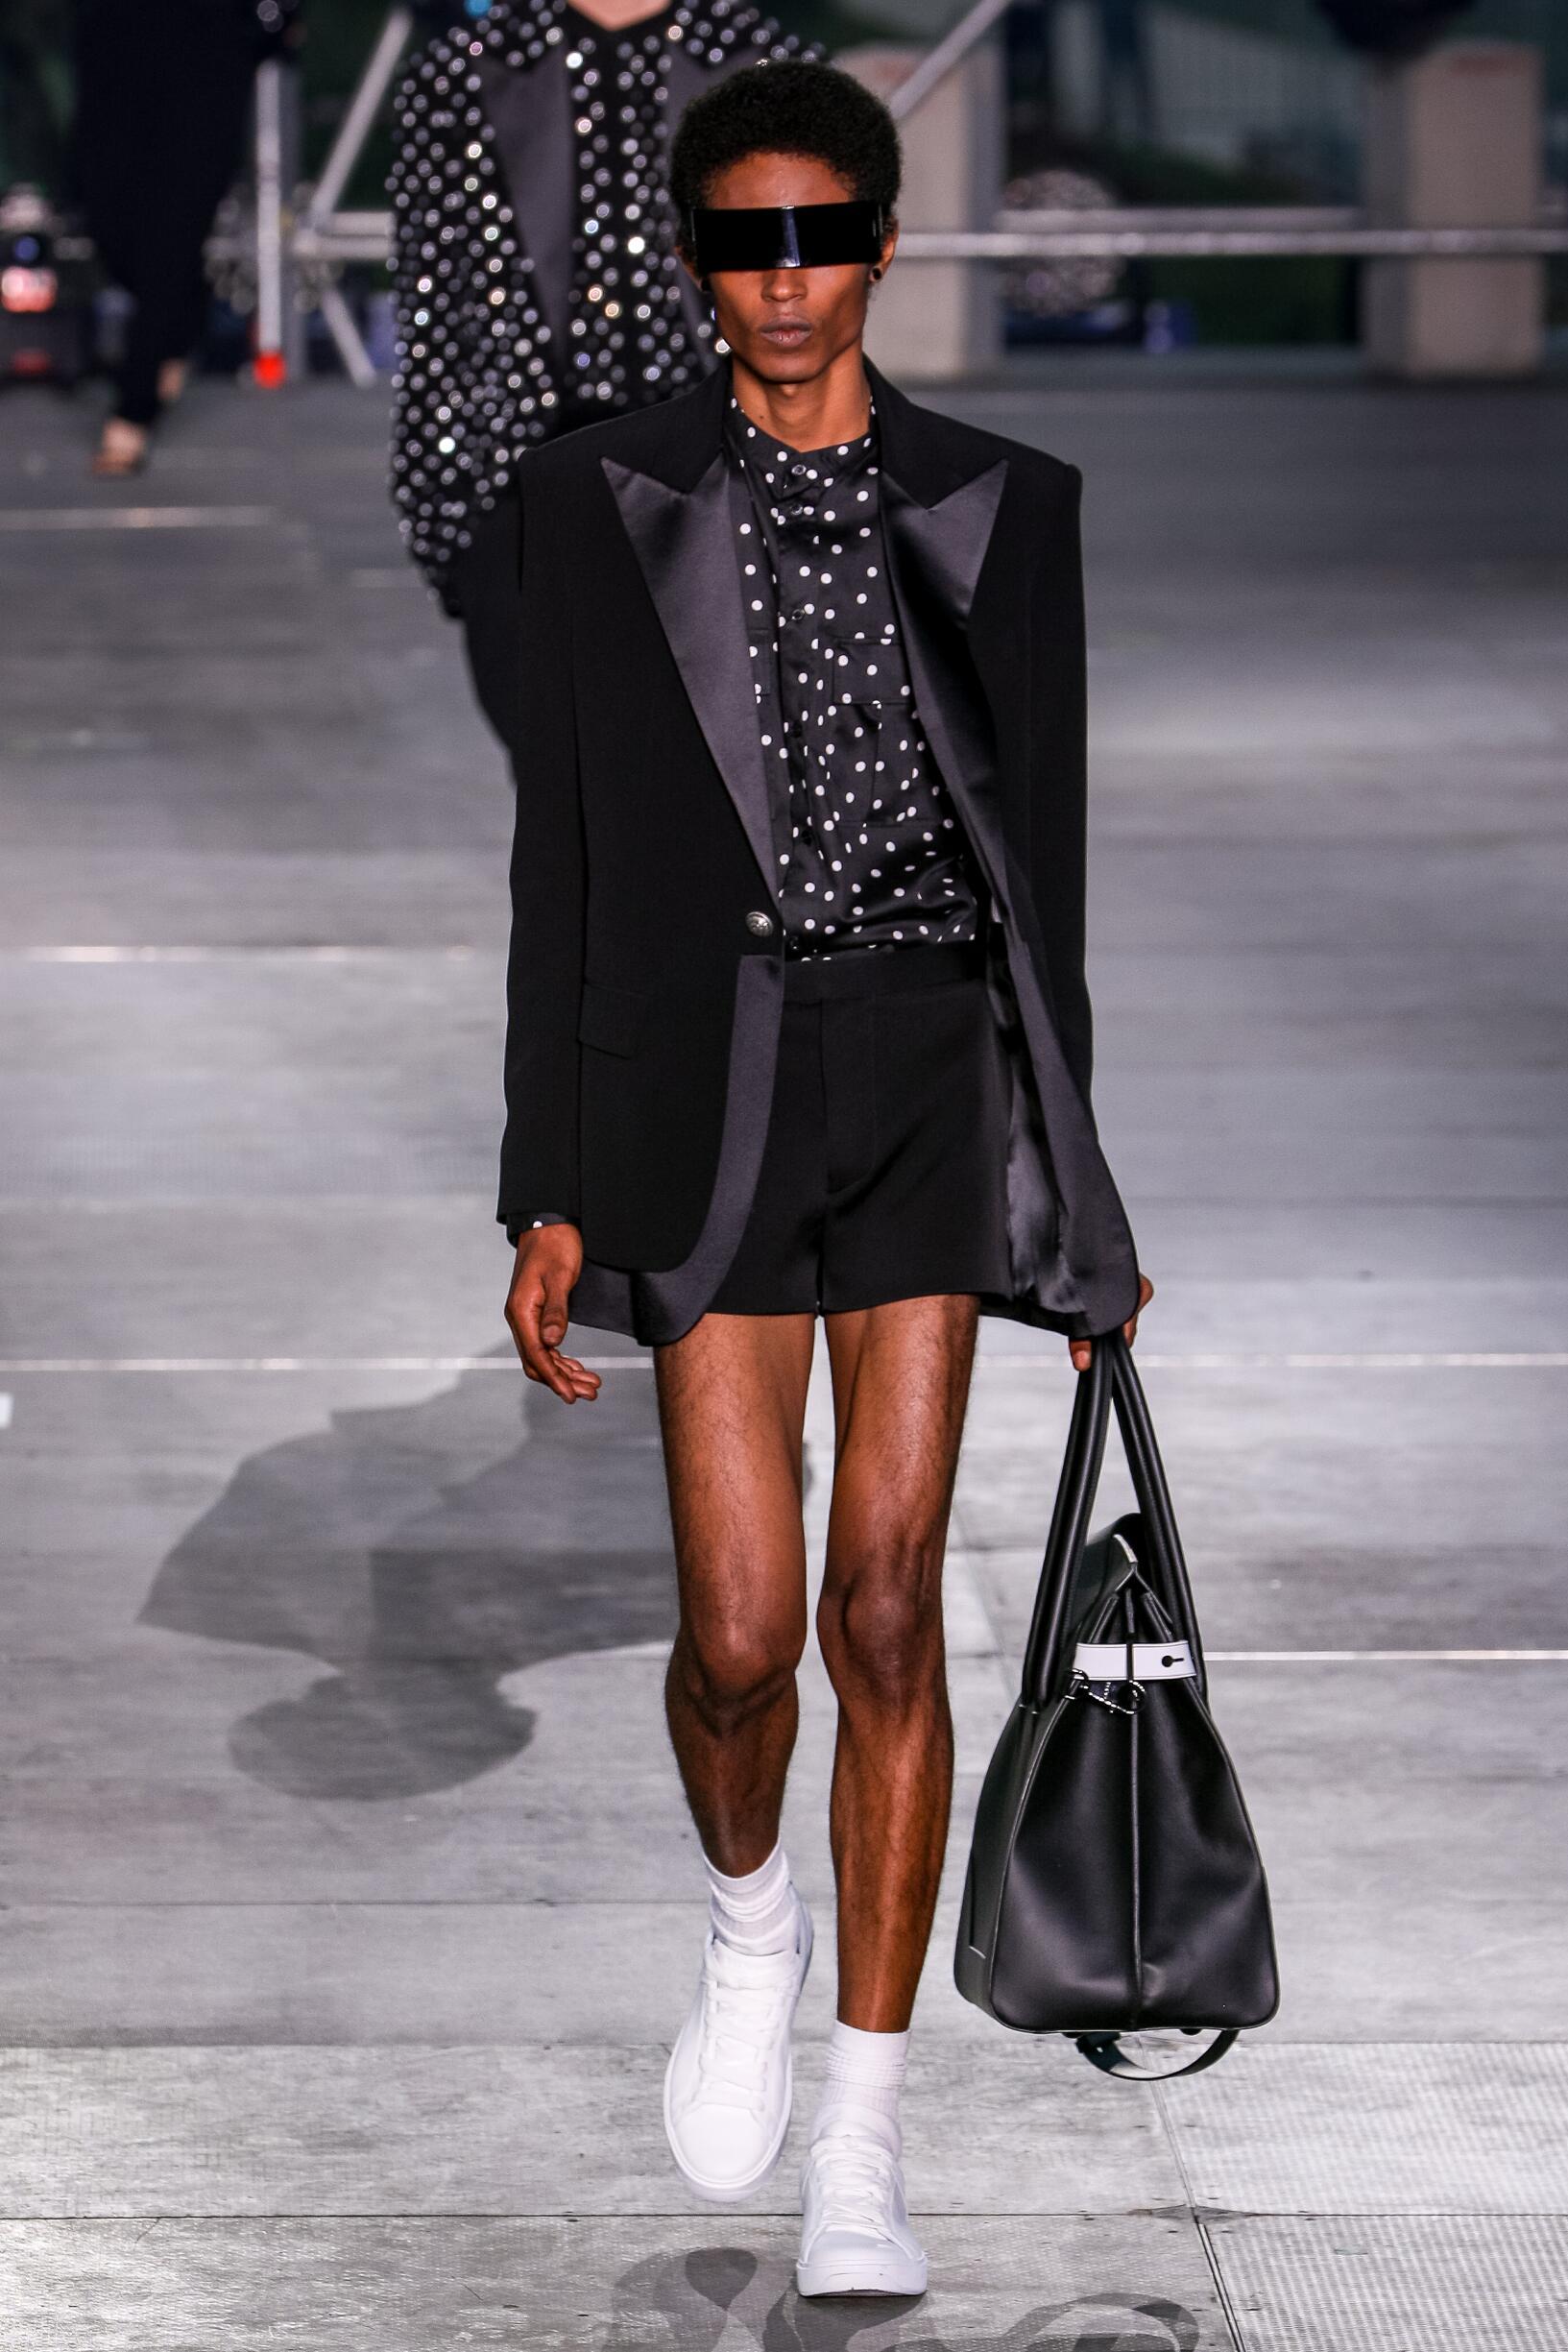 Balmain Menswear Collection Trends